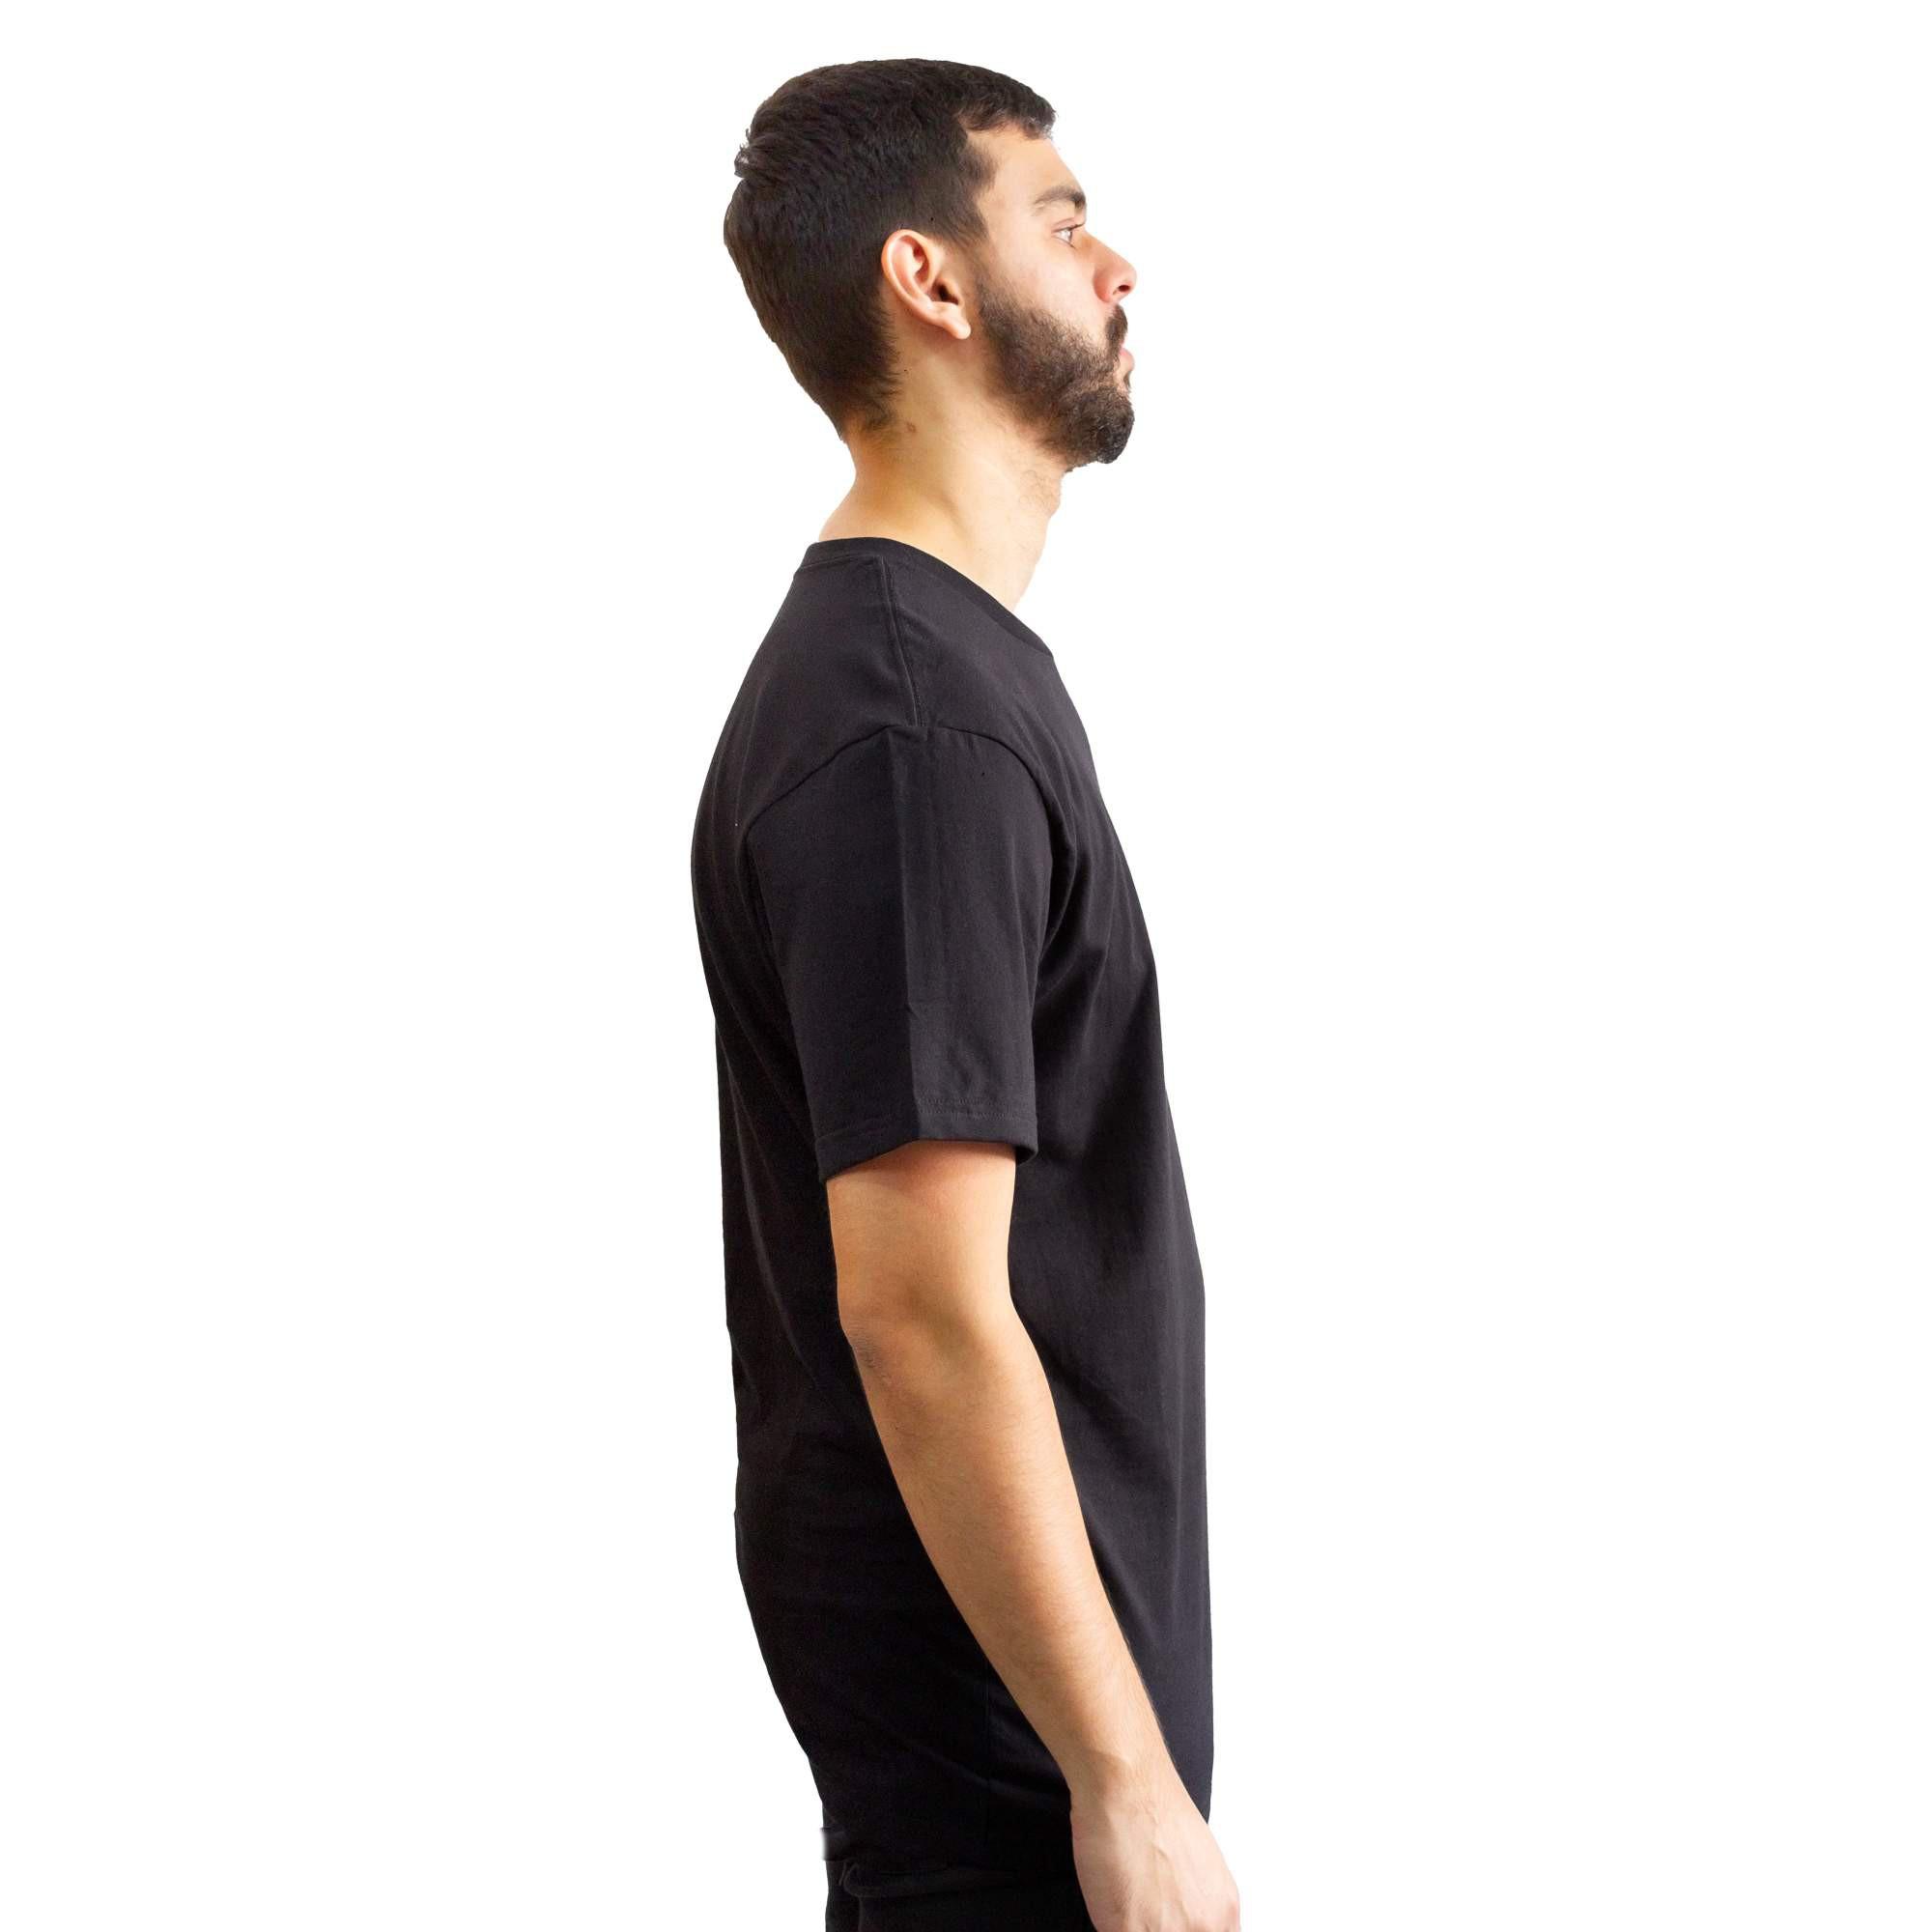 Camiseta Vans Slim Fit Black